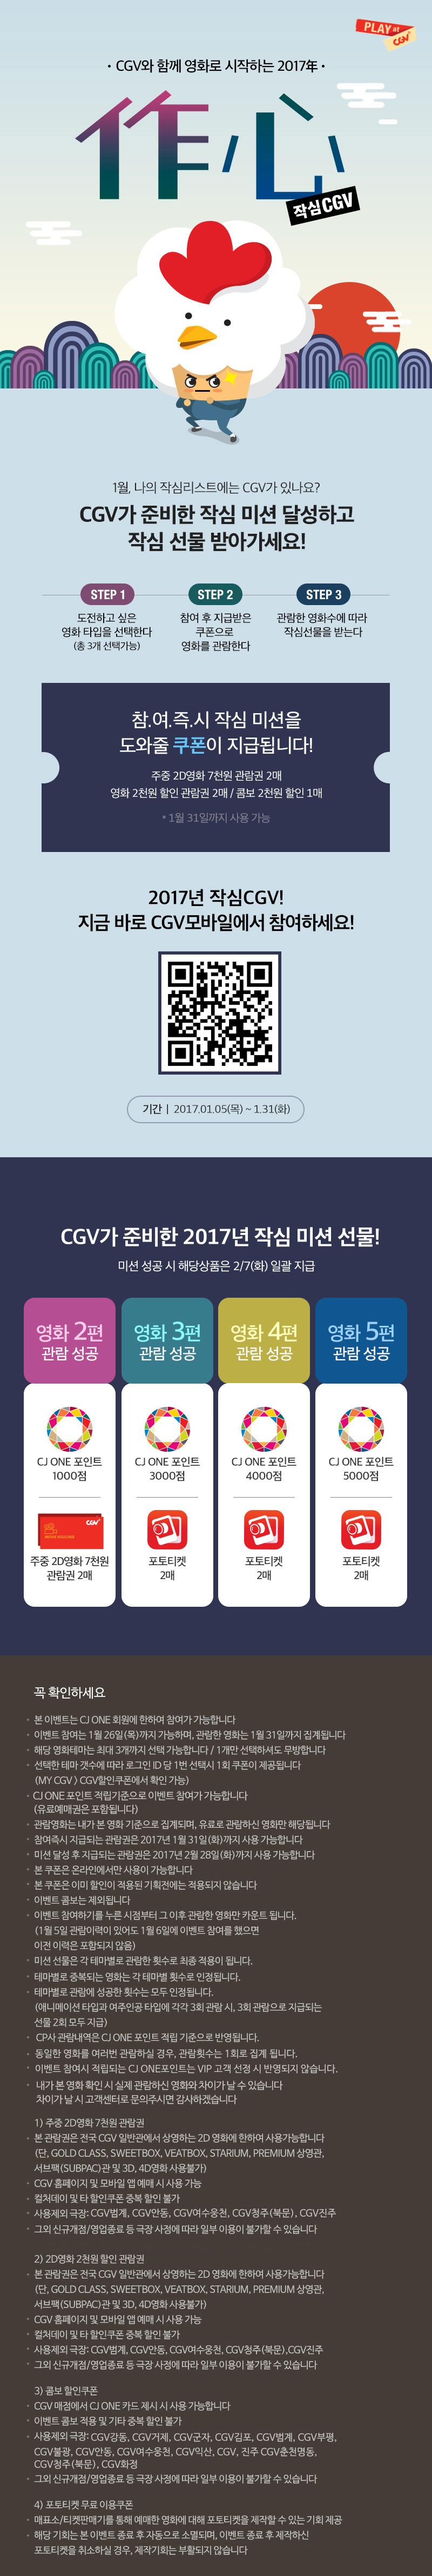 스페셜이벤트 2017년 작심! CGV